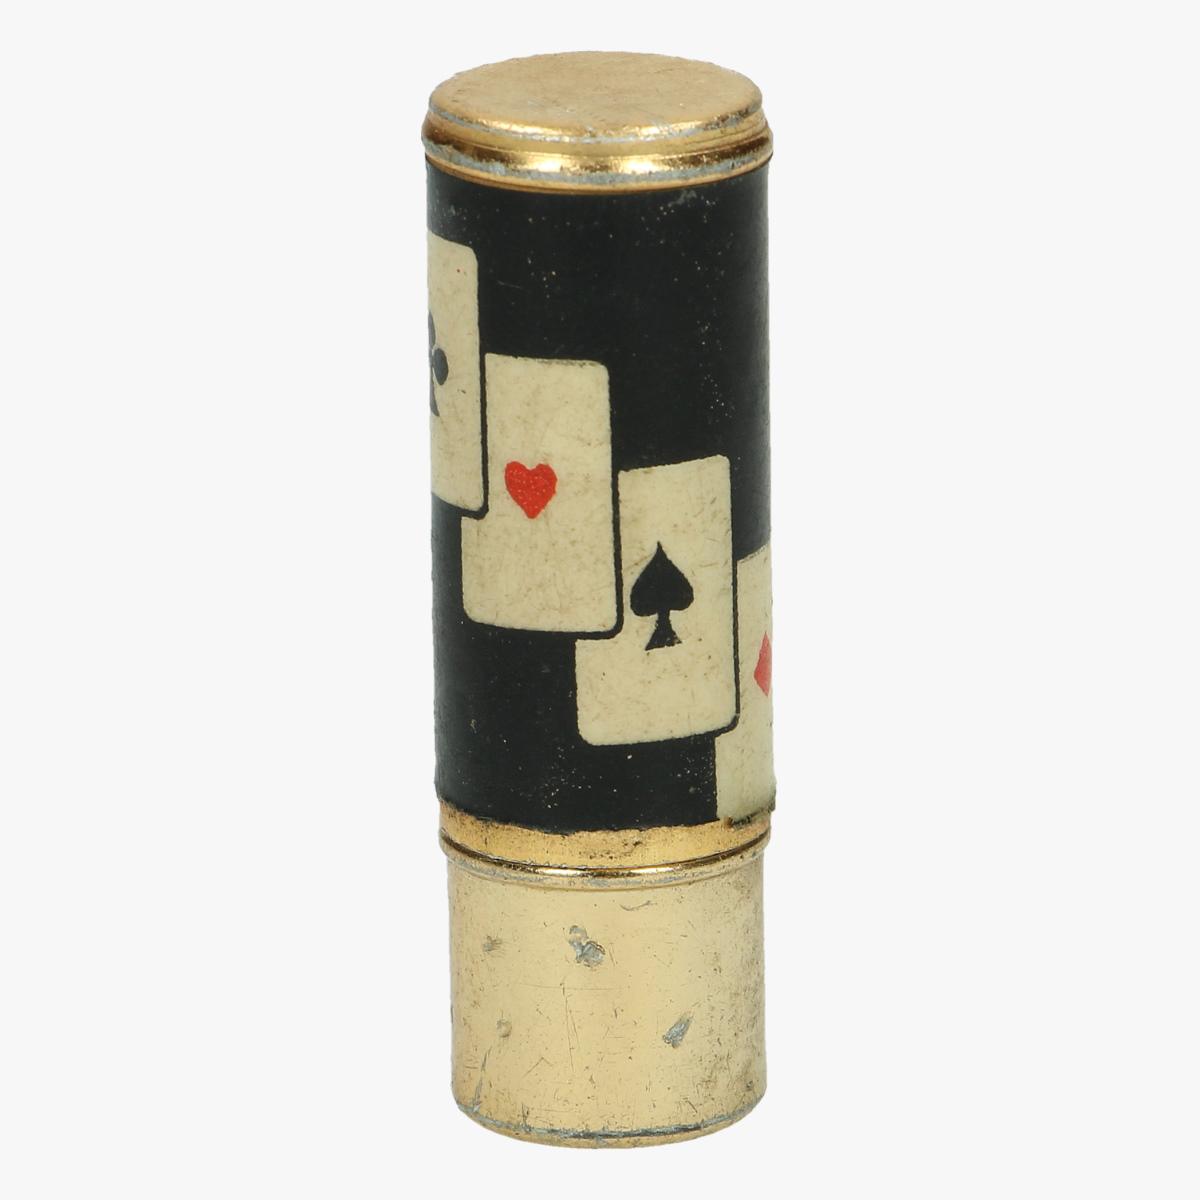 Afbeeldingen van oude aansteker speelkaarten